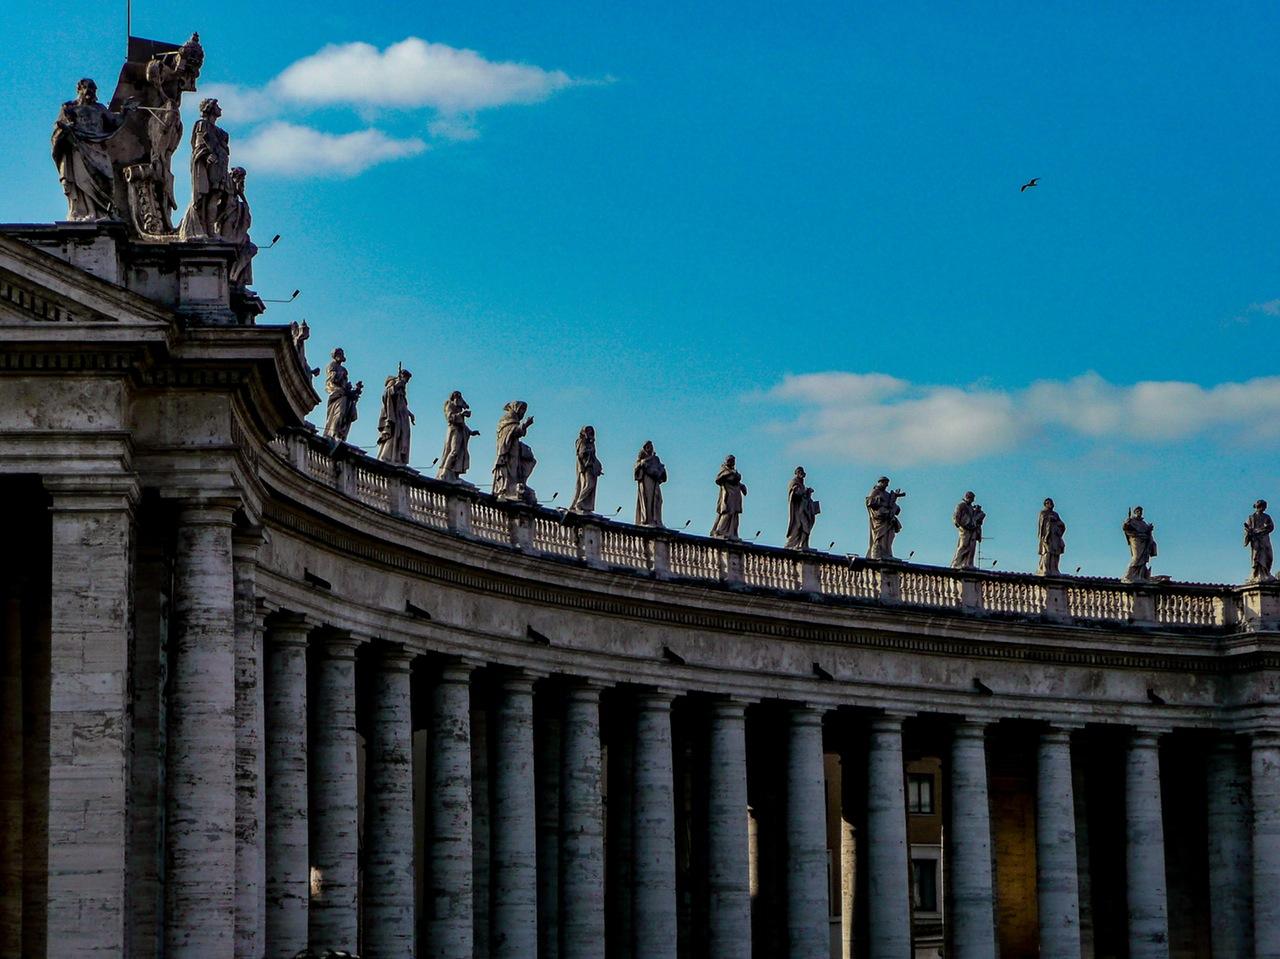 Новая мировая вражда может начаться из-за недостатка пресной воды— Папа Римский